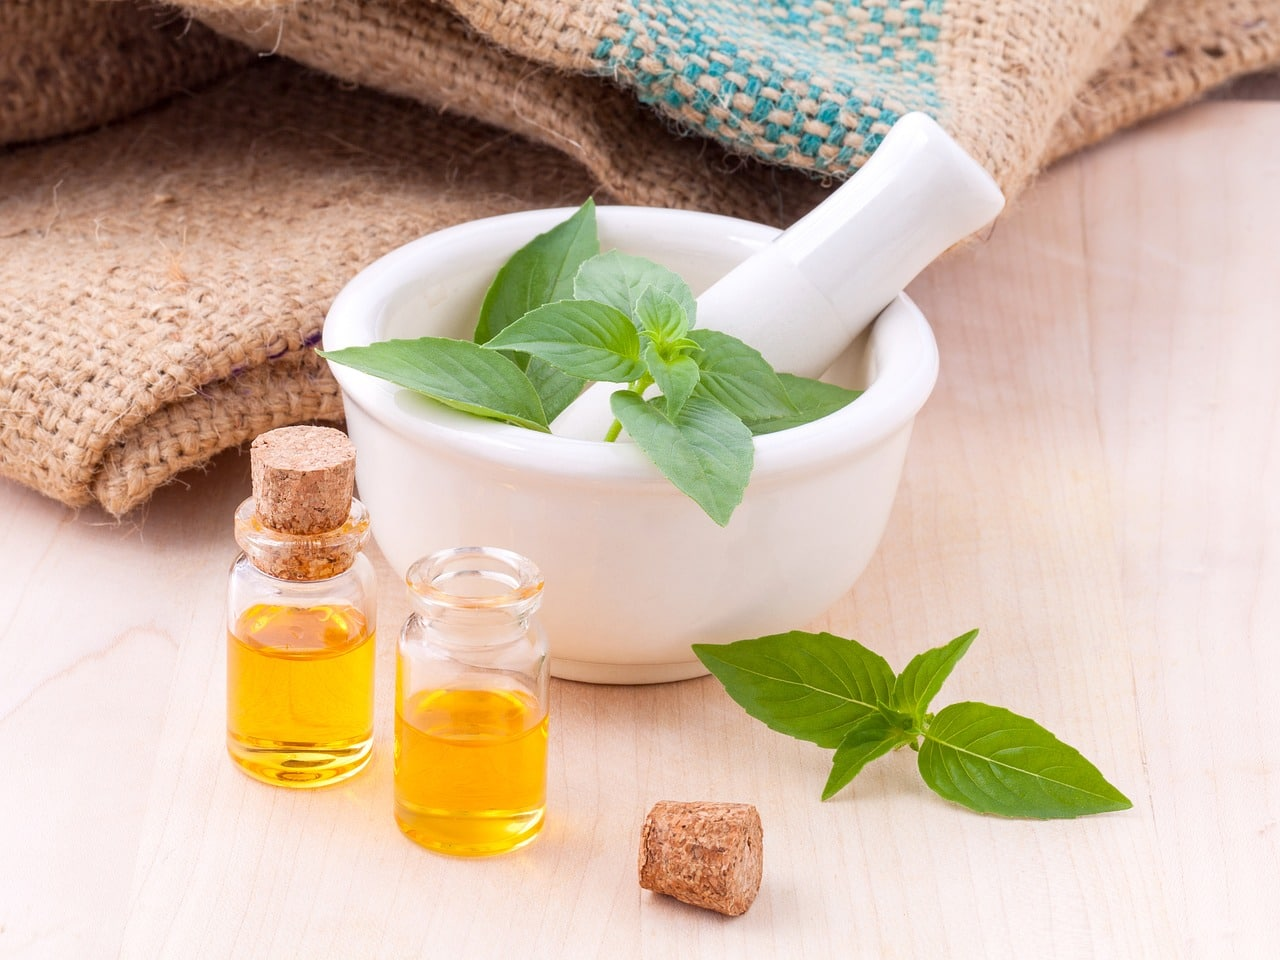 creation d'huile aux plantes